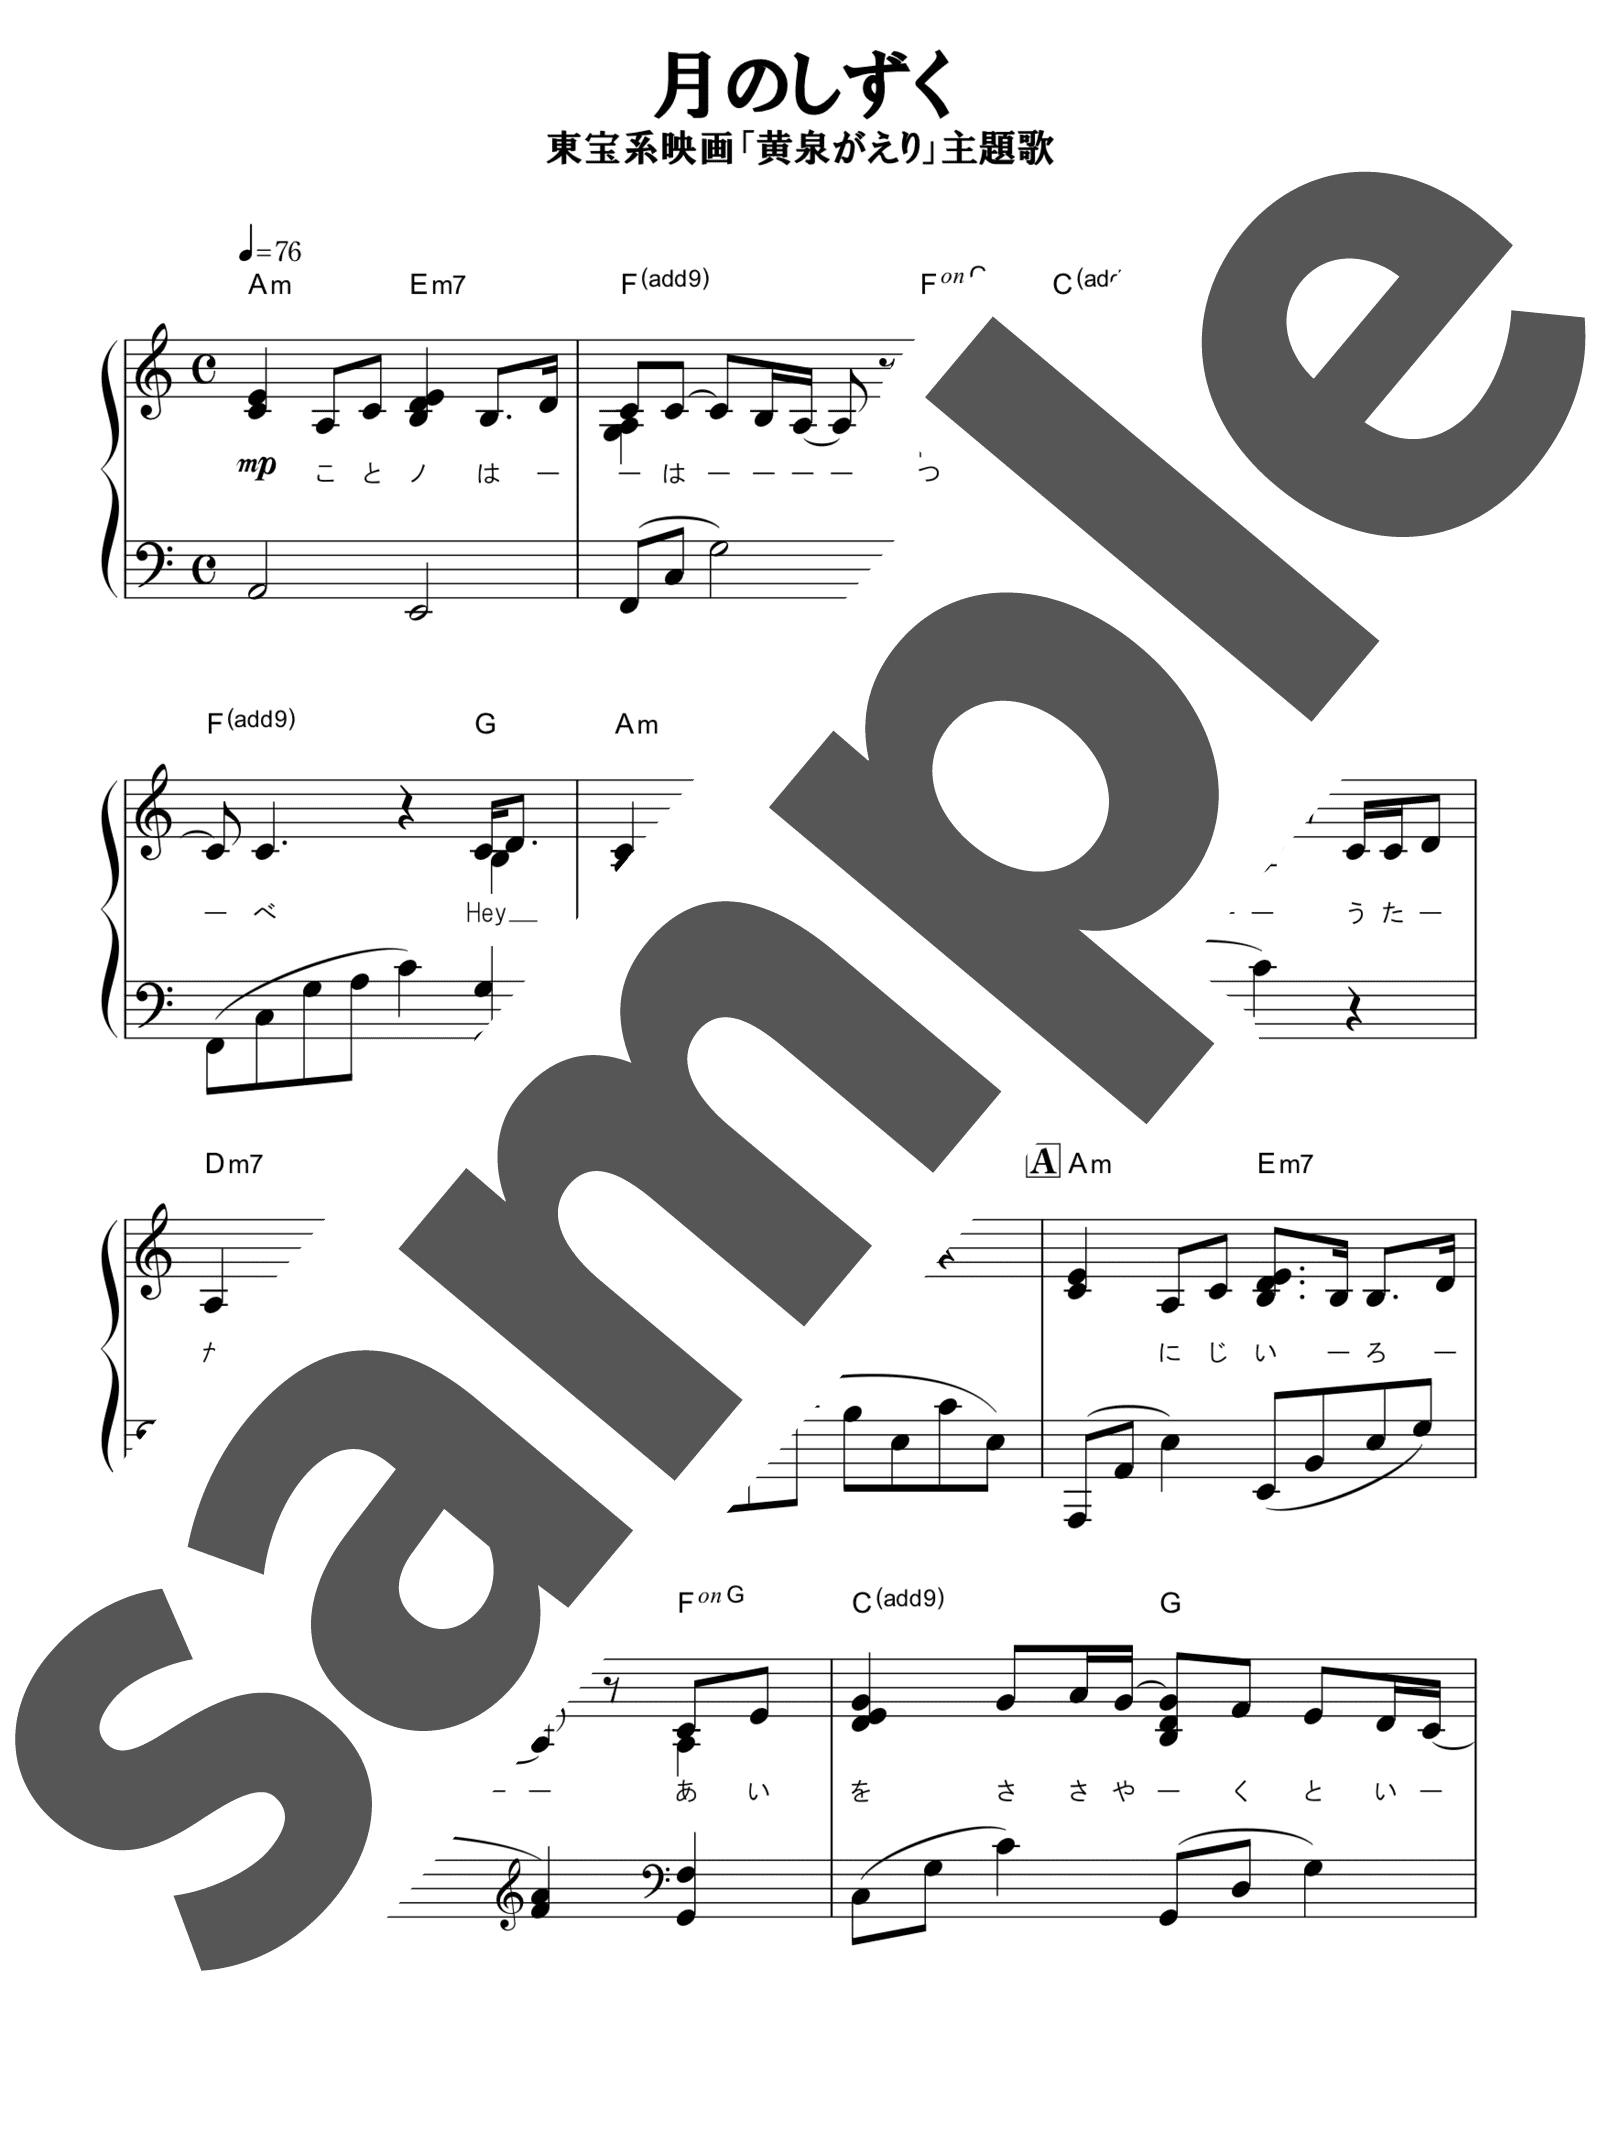 「月のしずく」のサンプル楽譜